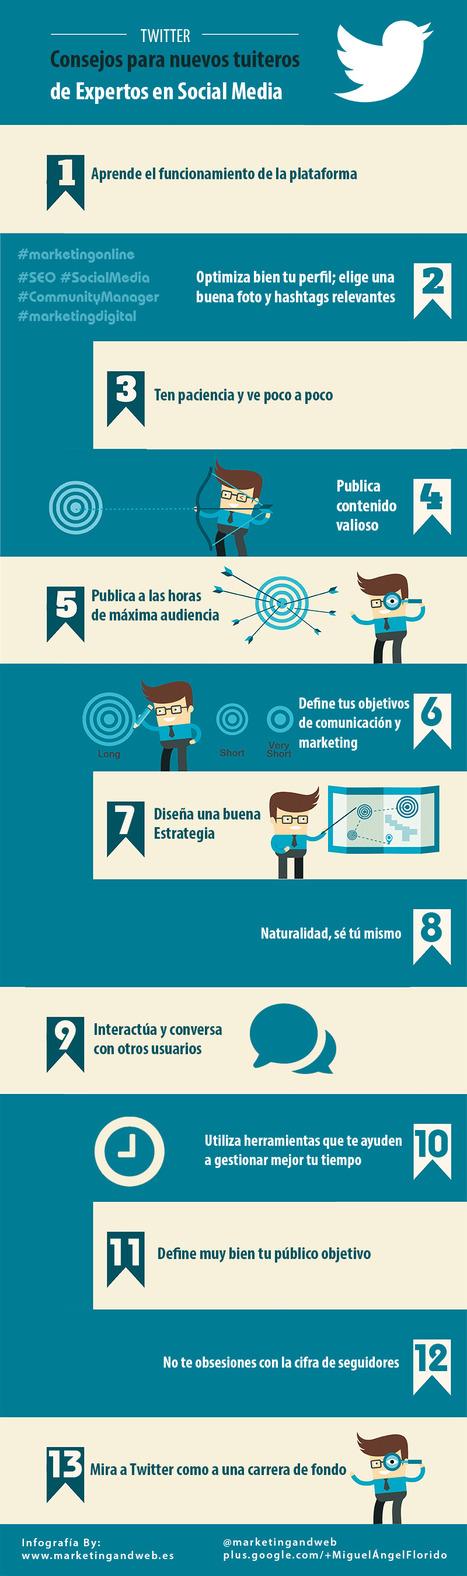 13 Consejos para nuevos Tuiteros   REDES SOCIALES SOCIALMEDIA   Scoop.it